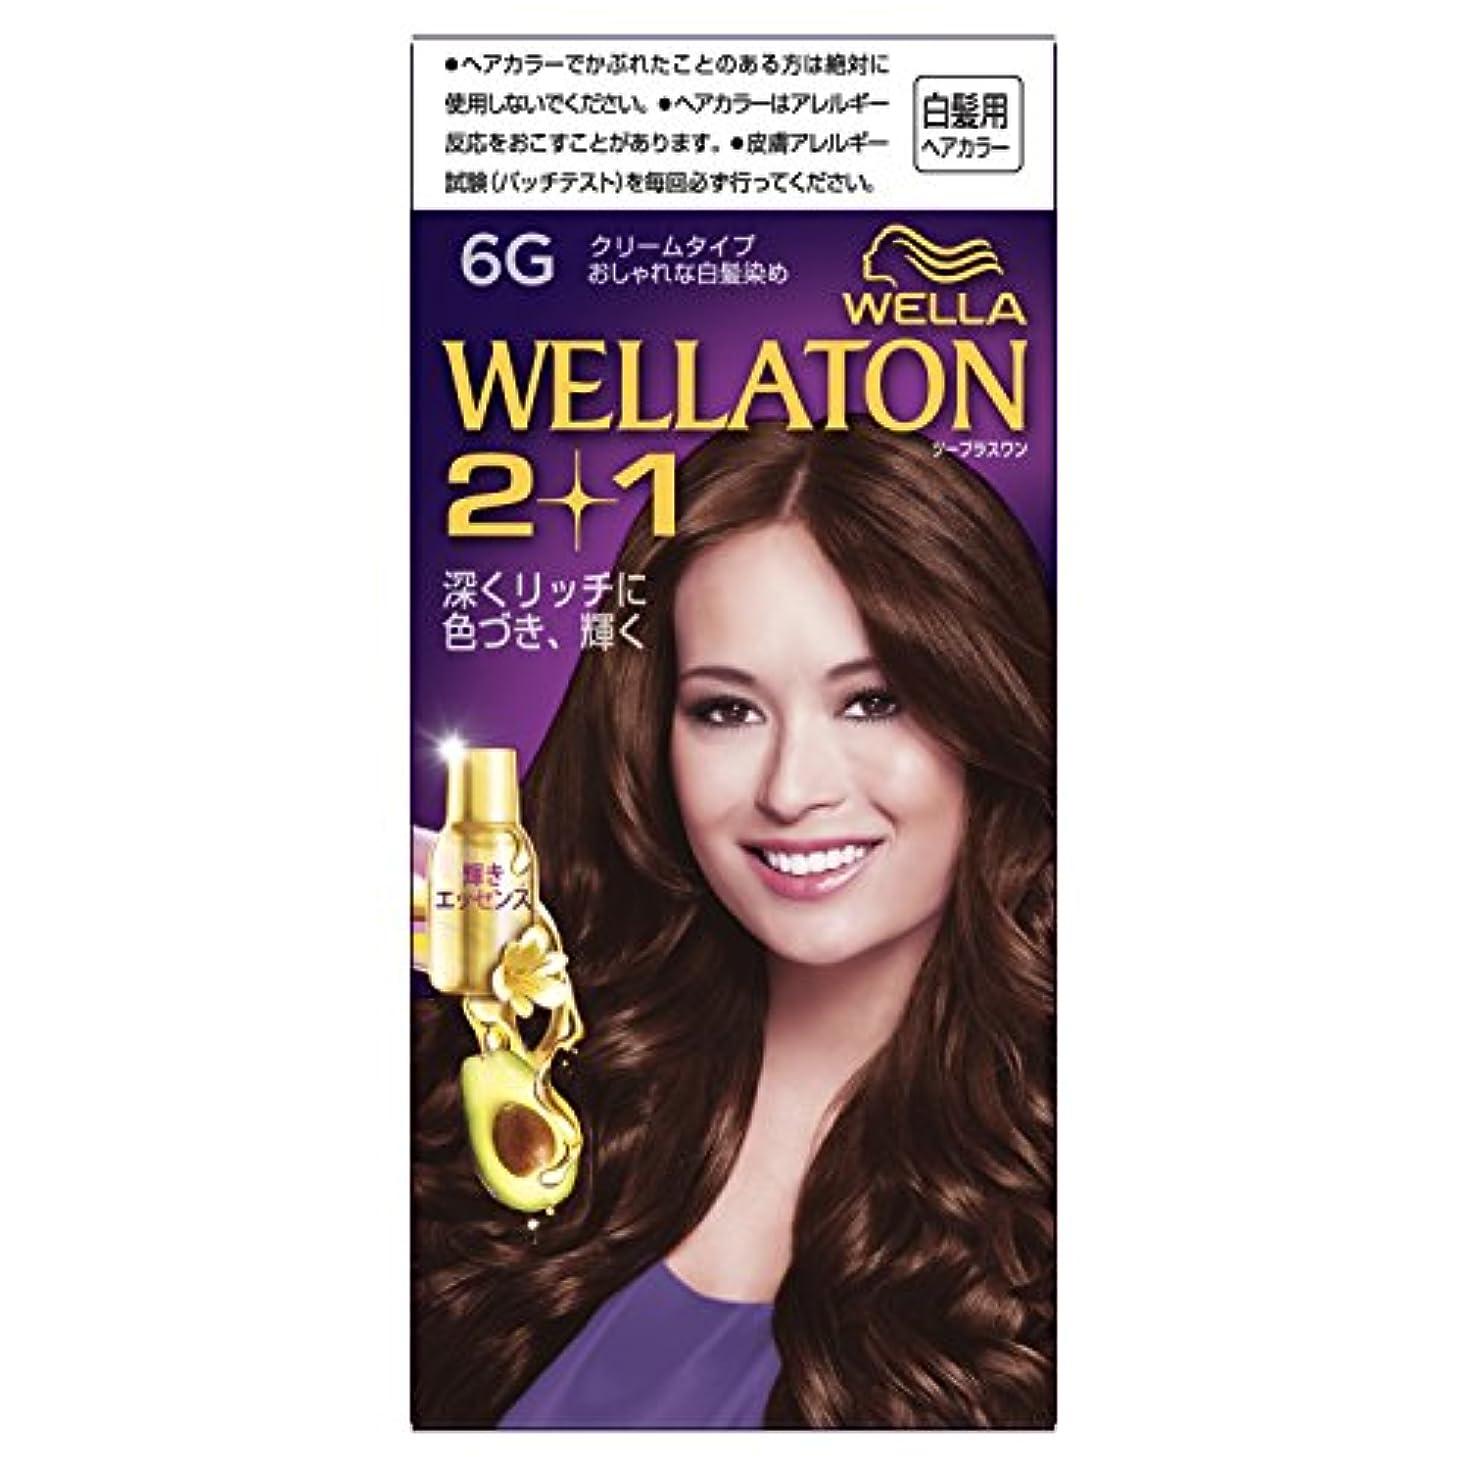 筋はねかける振る舞うウエラトーン2+1 クリームタイプ 6G [医薬部外品](おしゃれな白髪染め)